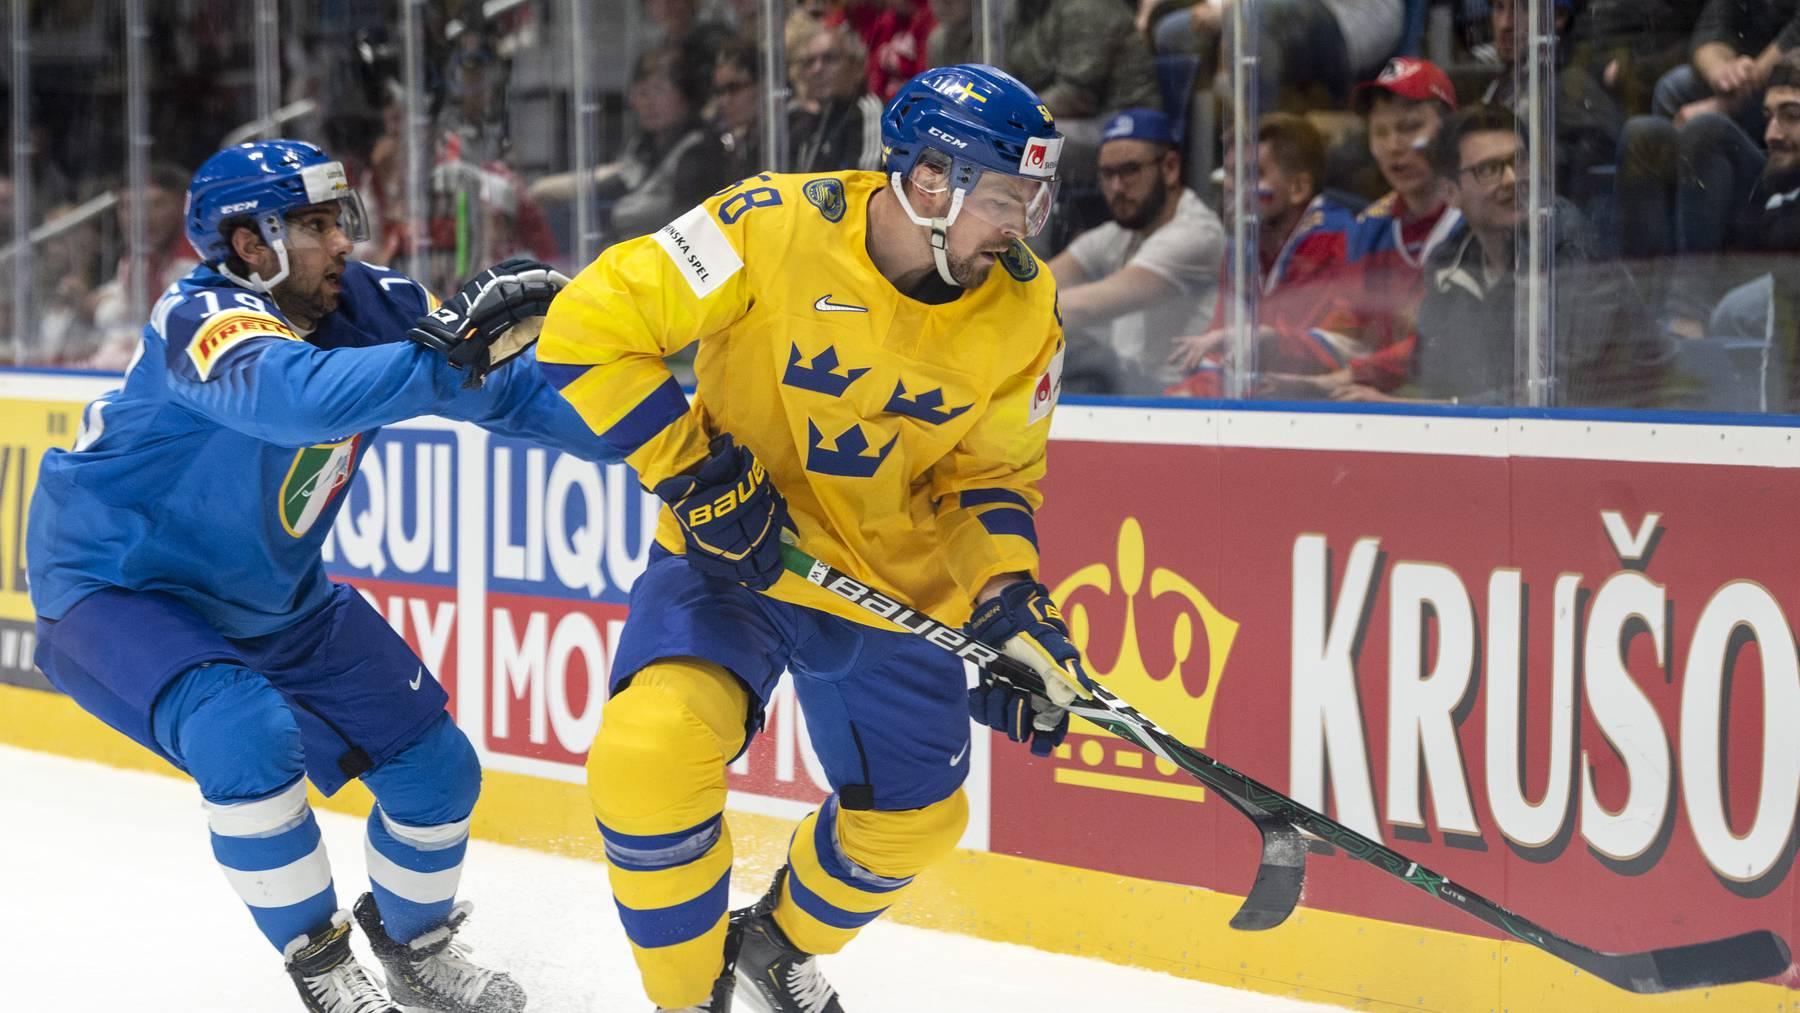 Der schwedische Nationalspieler Anton Lander stürmt künftig für den EV Zug.